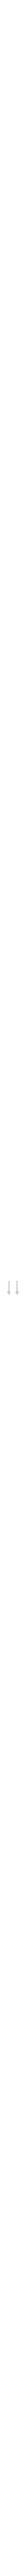 14k gold hamsa earrings elegant 14k gold White